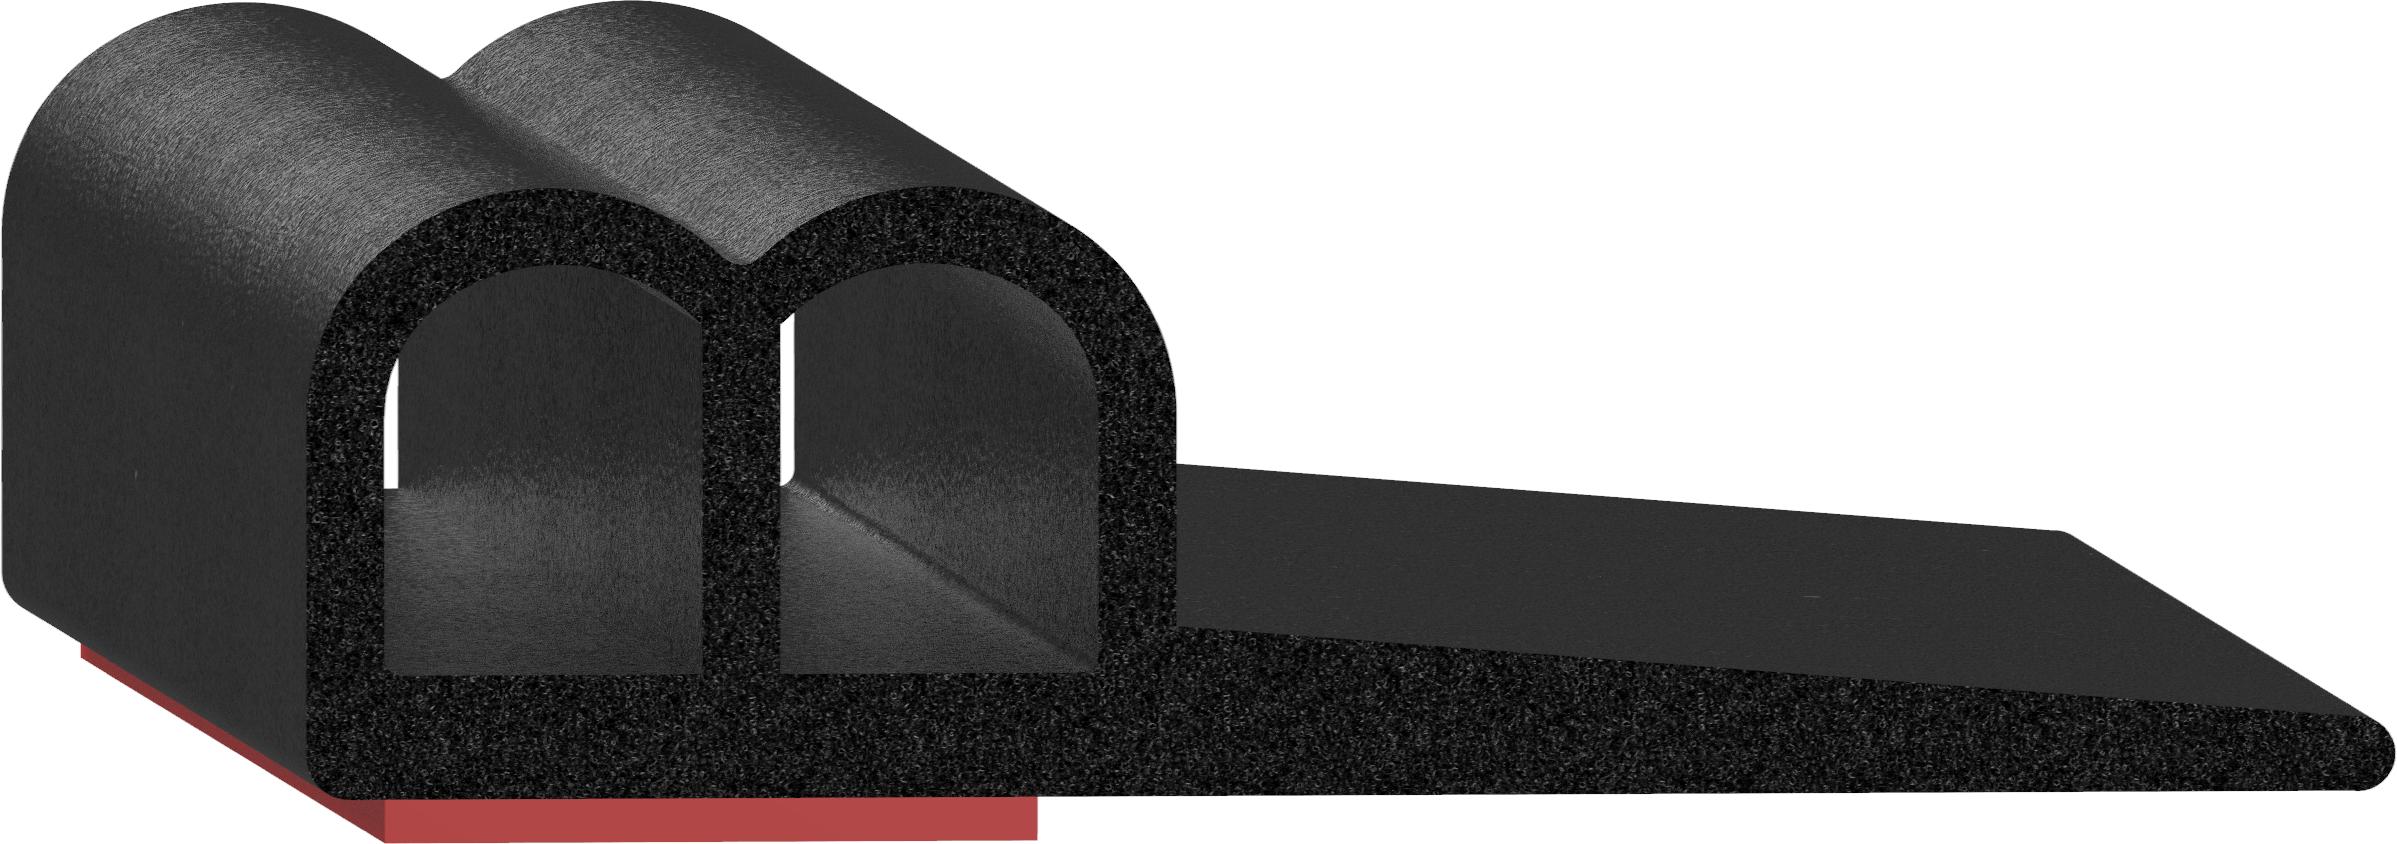 Uni-Grip part: SD-271-T